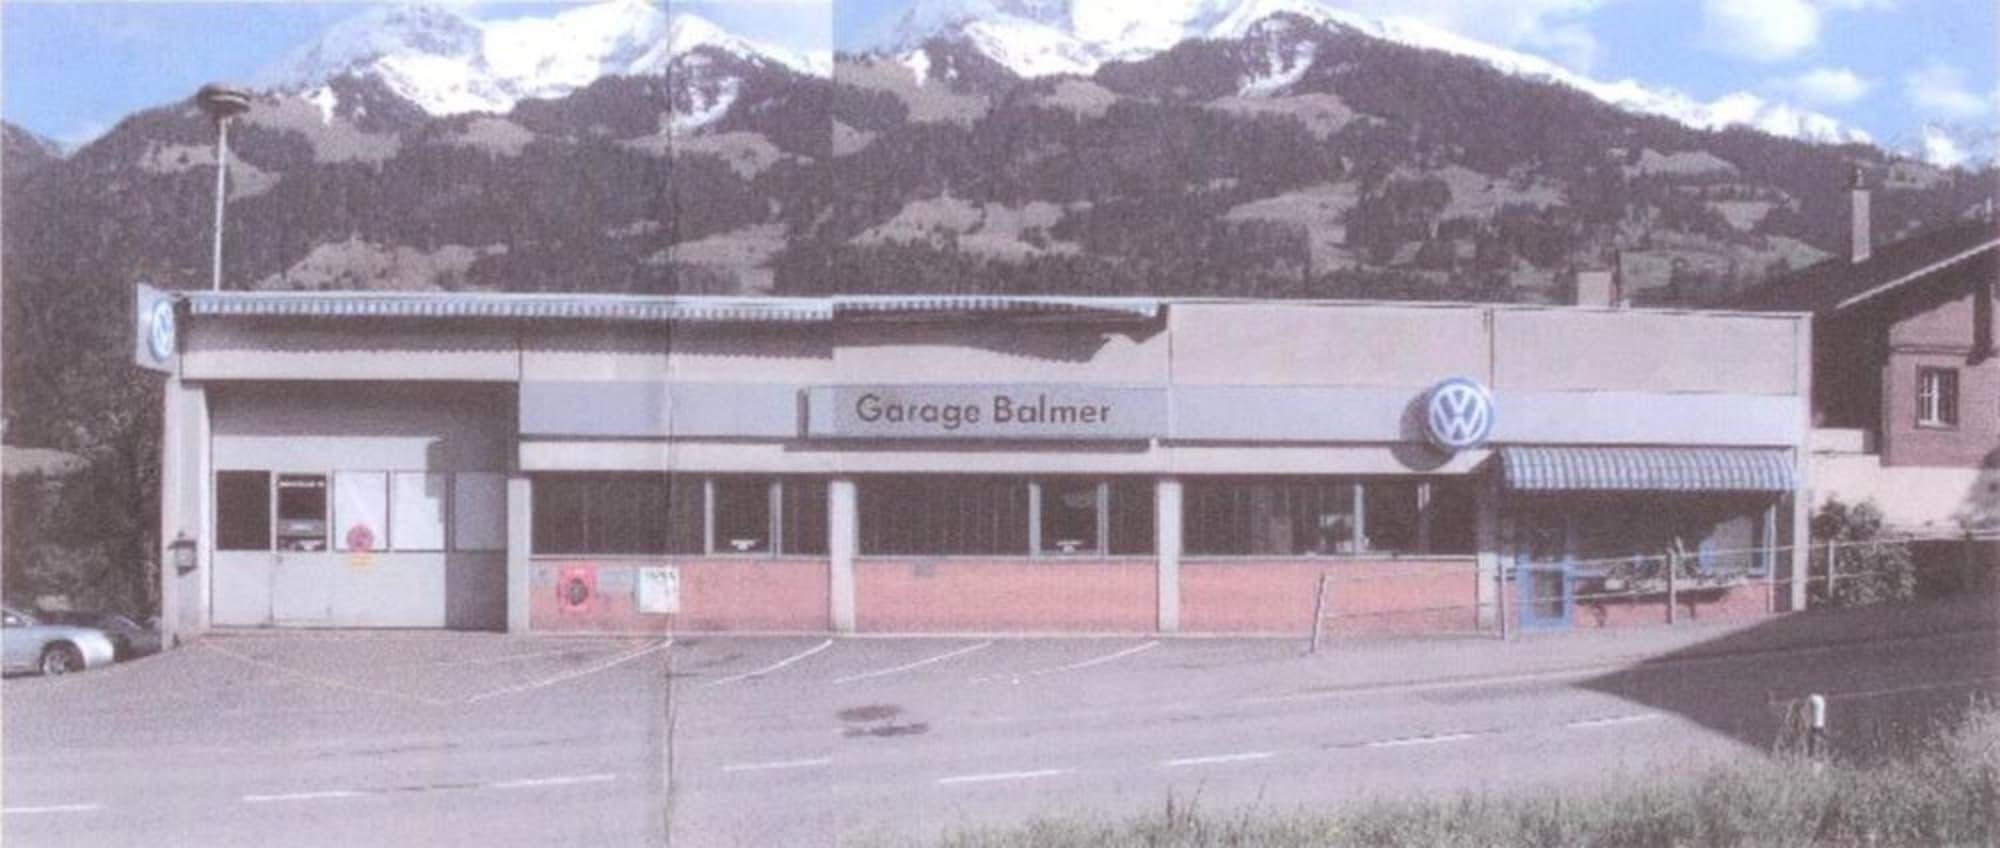 TN_Garage_Balmer_Latterbach_Gebäude_vor_2003